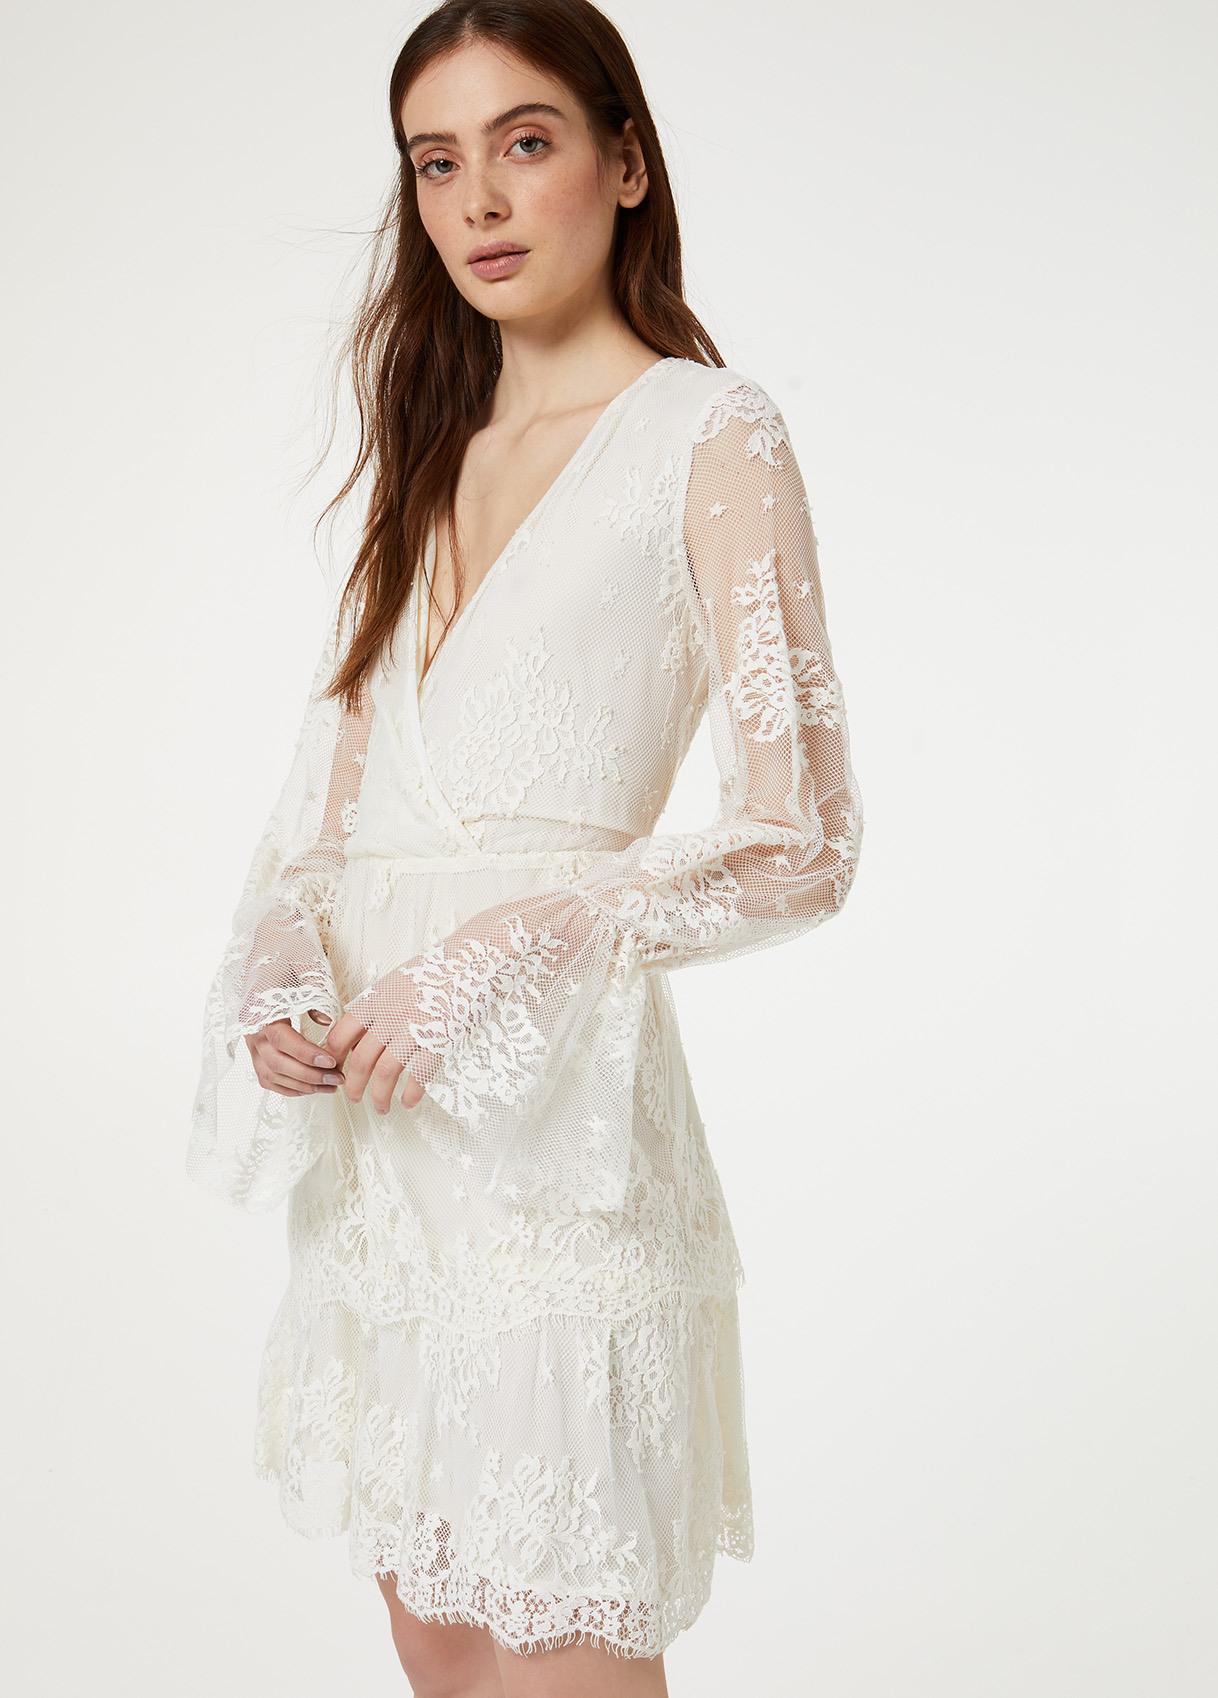 Designer Fantastisch Kleid Mit Spitze für 201910 Elegant Kleid Mit Spitze Stylish